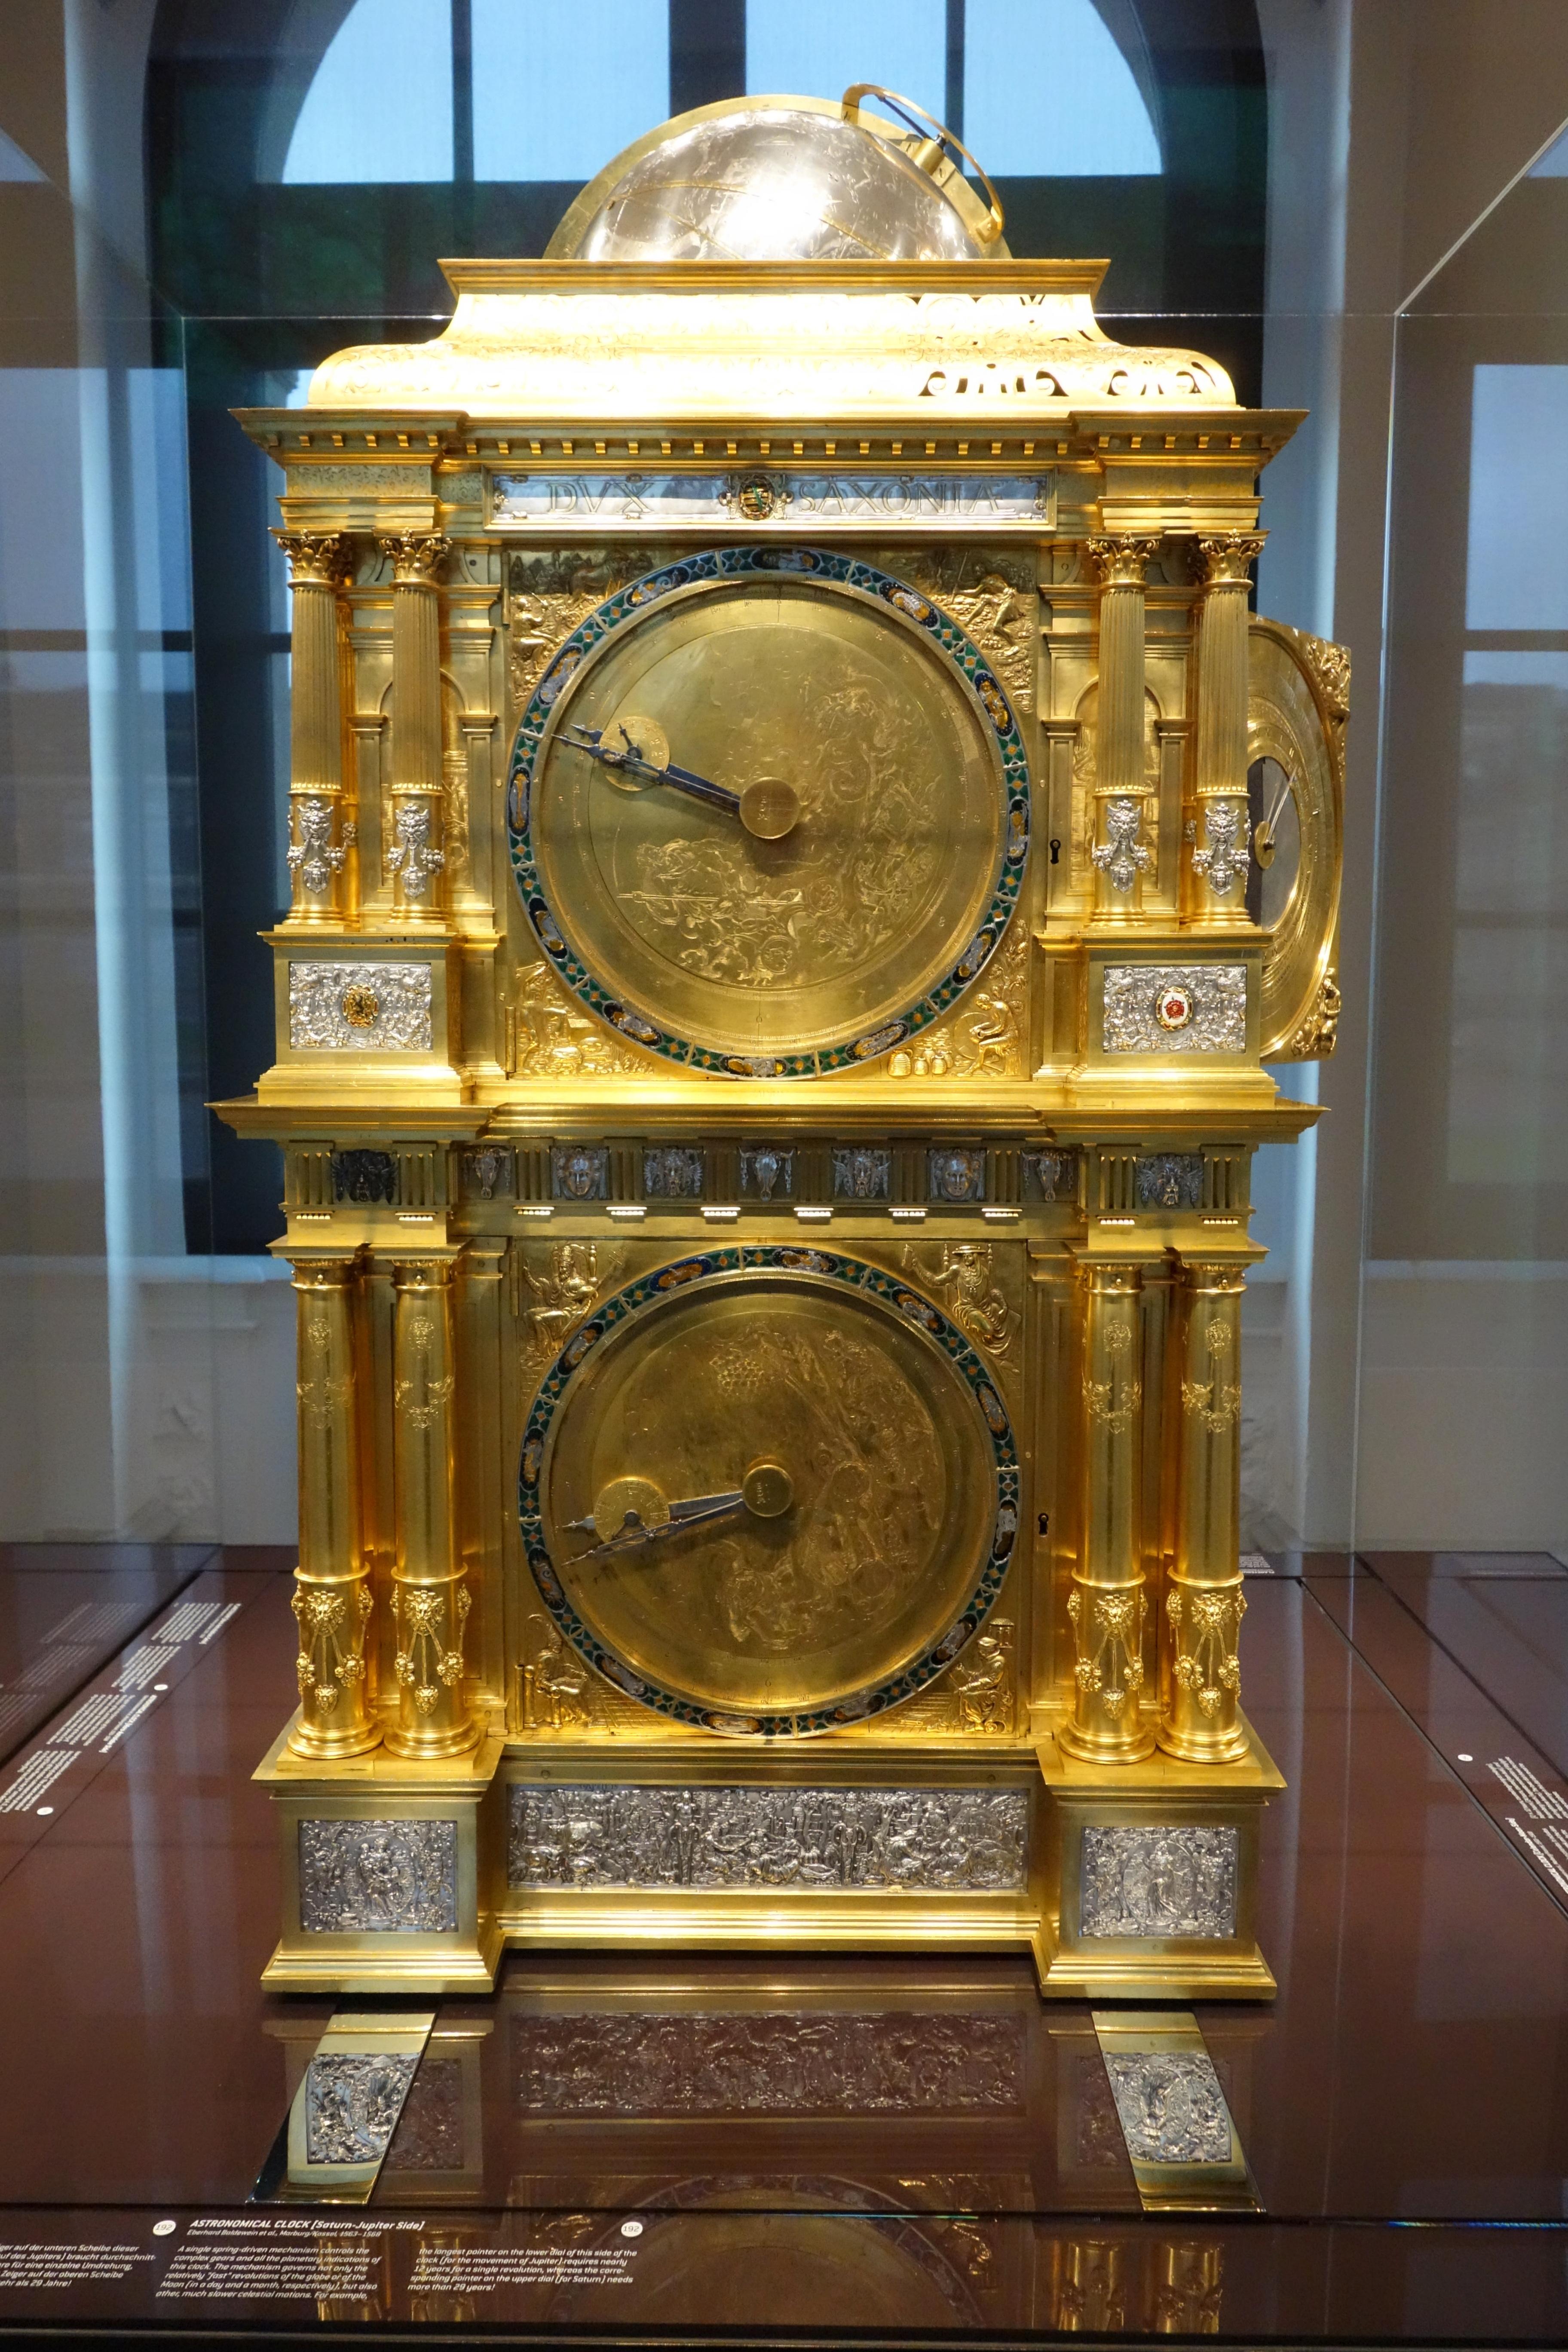 file astronomical clock saturn jupiter side eberhard baldewein et al marburg kassel 1563. Black Bedroom Furniture Sets. Home Design Ideas